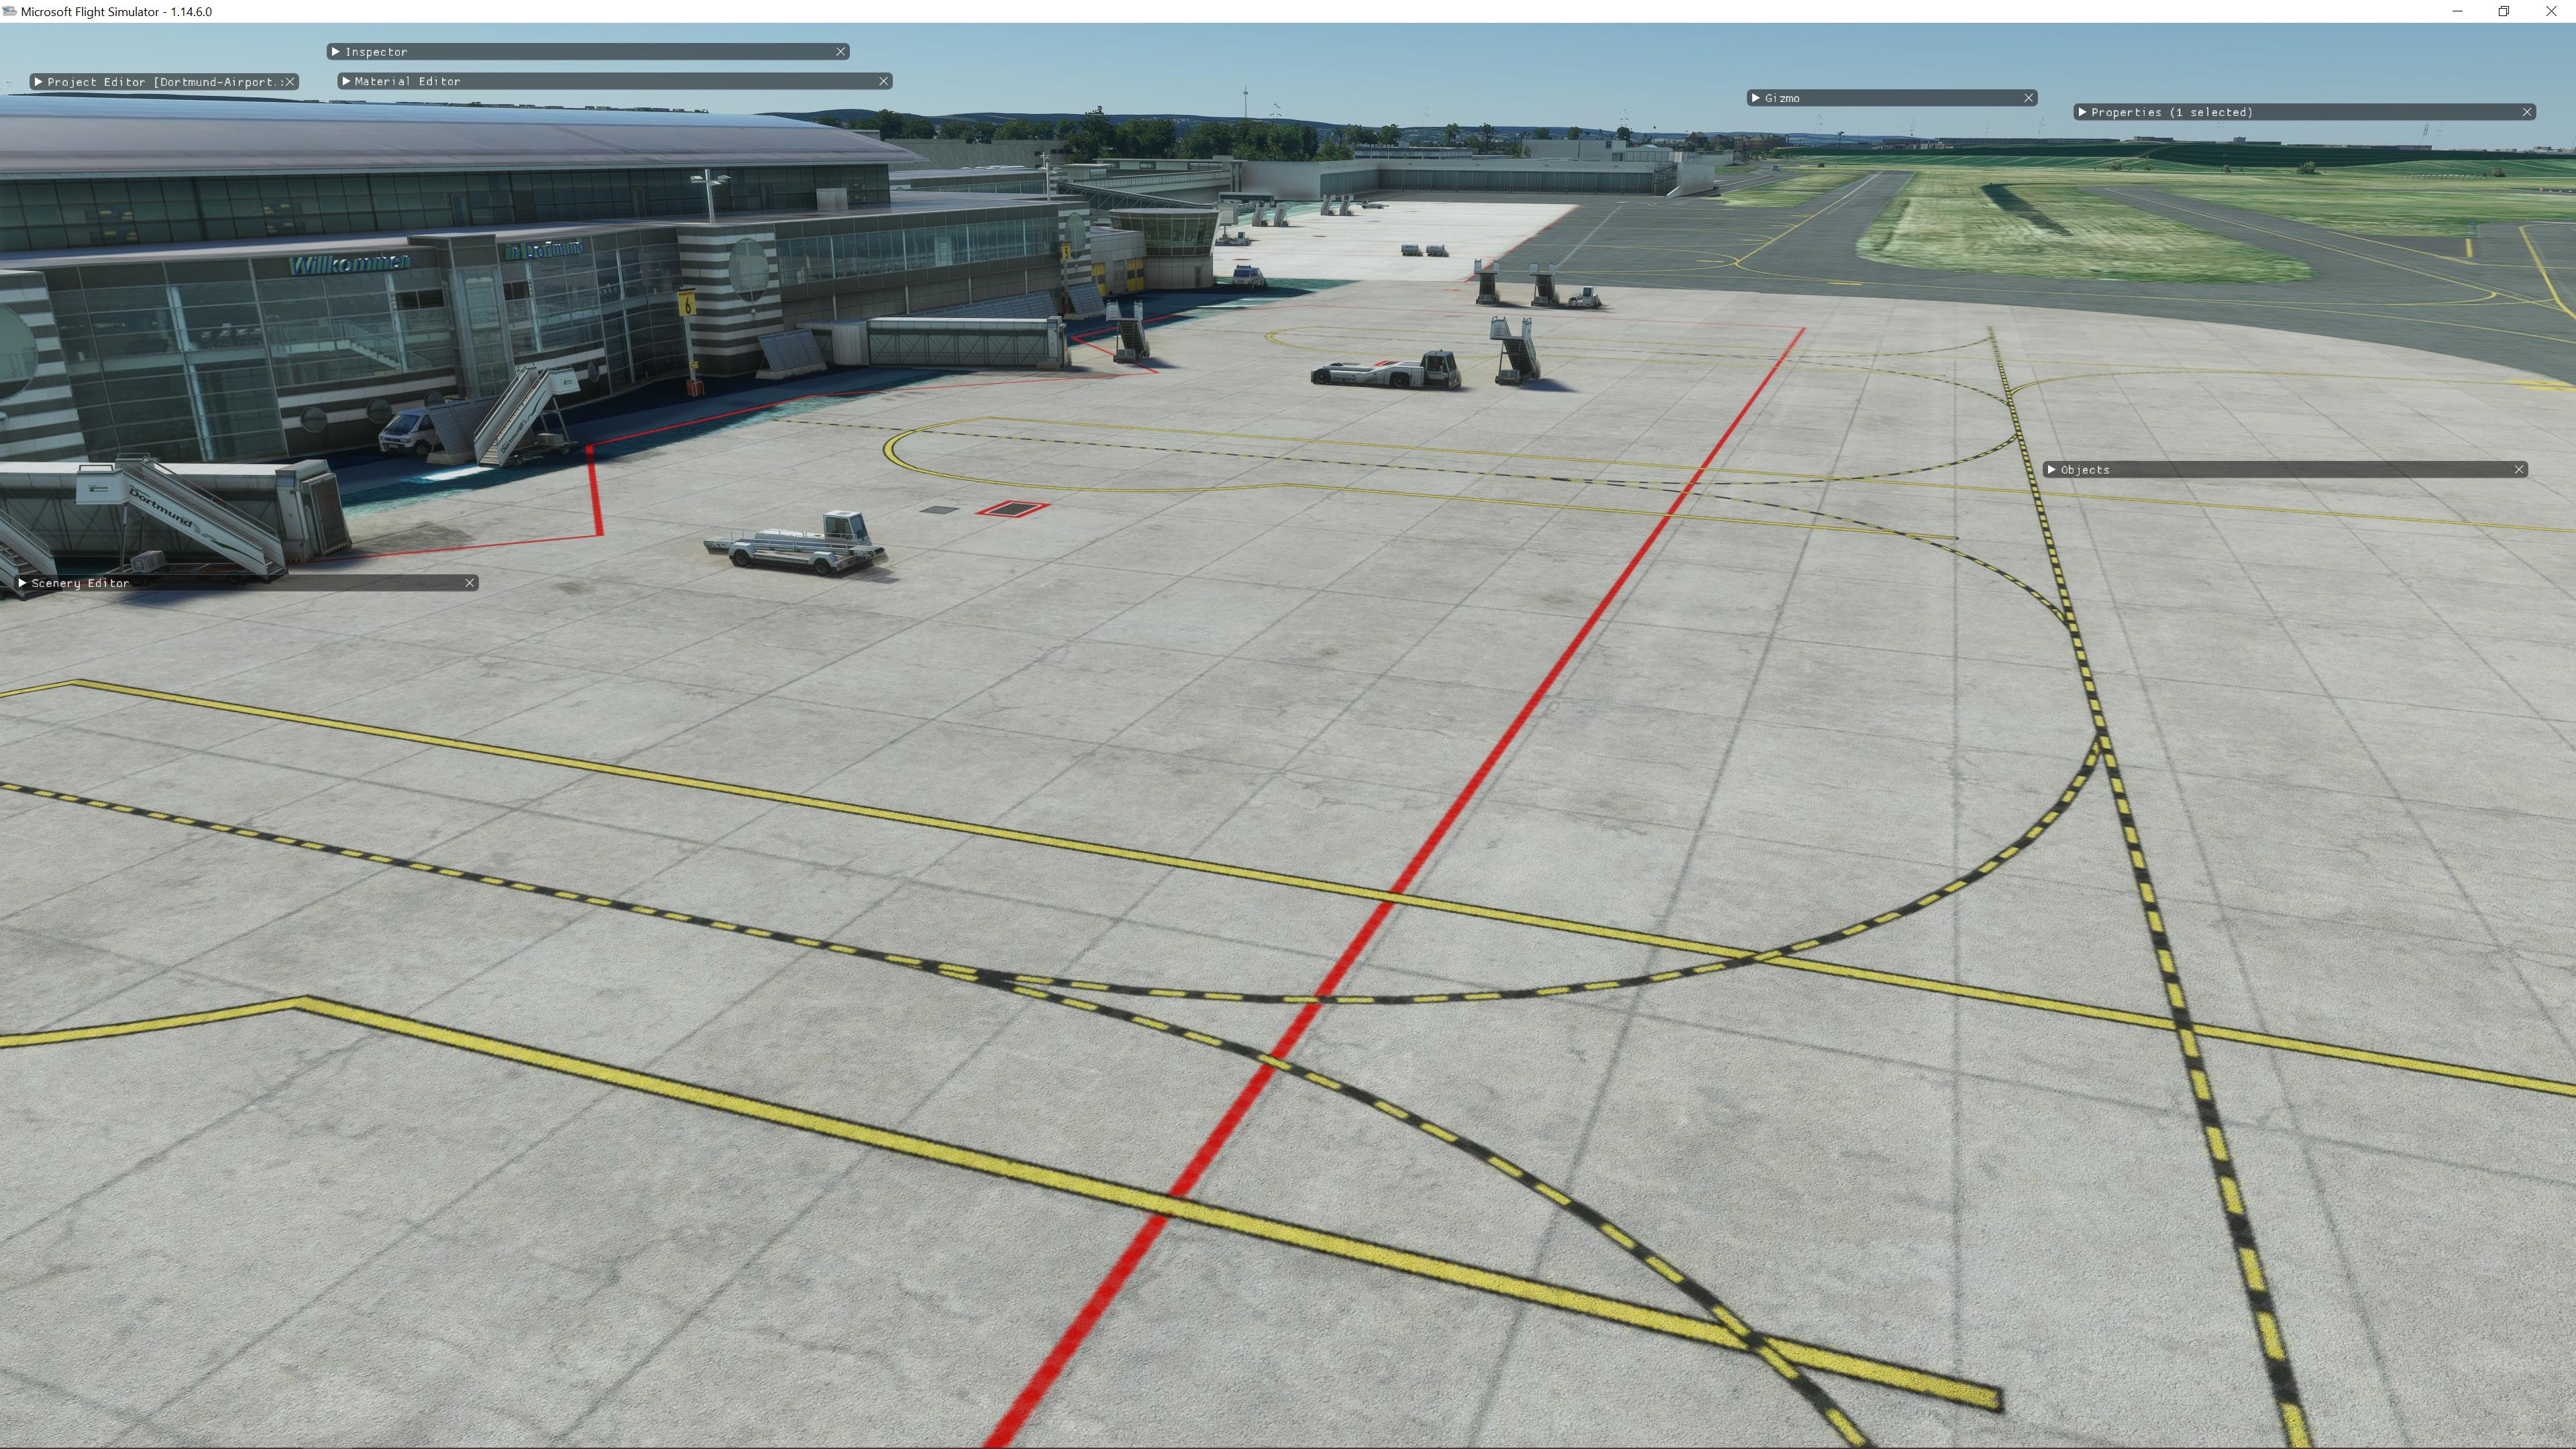 mfs_dortmund_airport_boden_markierungen.jpg